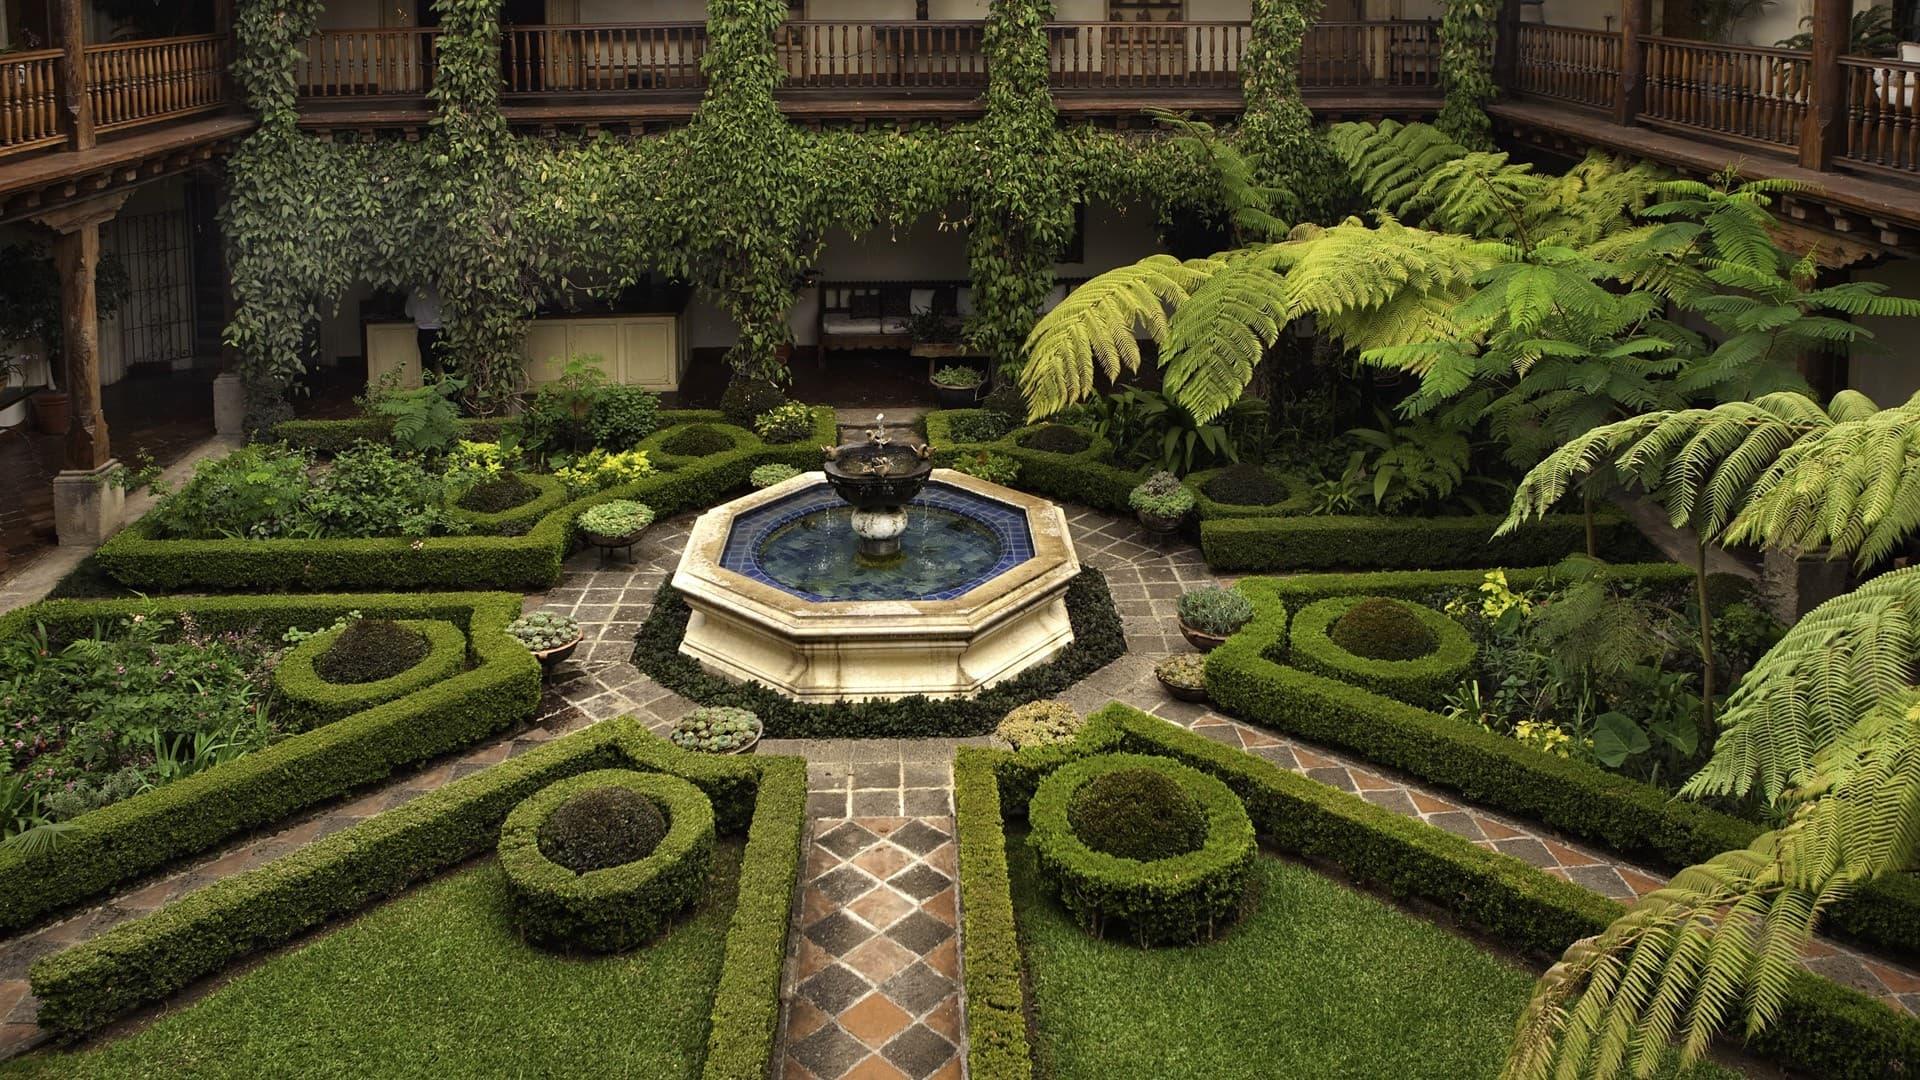 La fontaine dans le jardin, en tant que petite forme architecturale, aidera à créer un aménagement paysager unique et très beau.